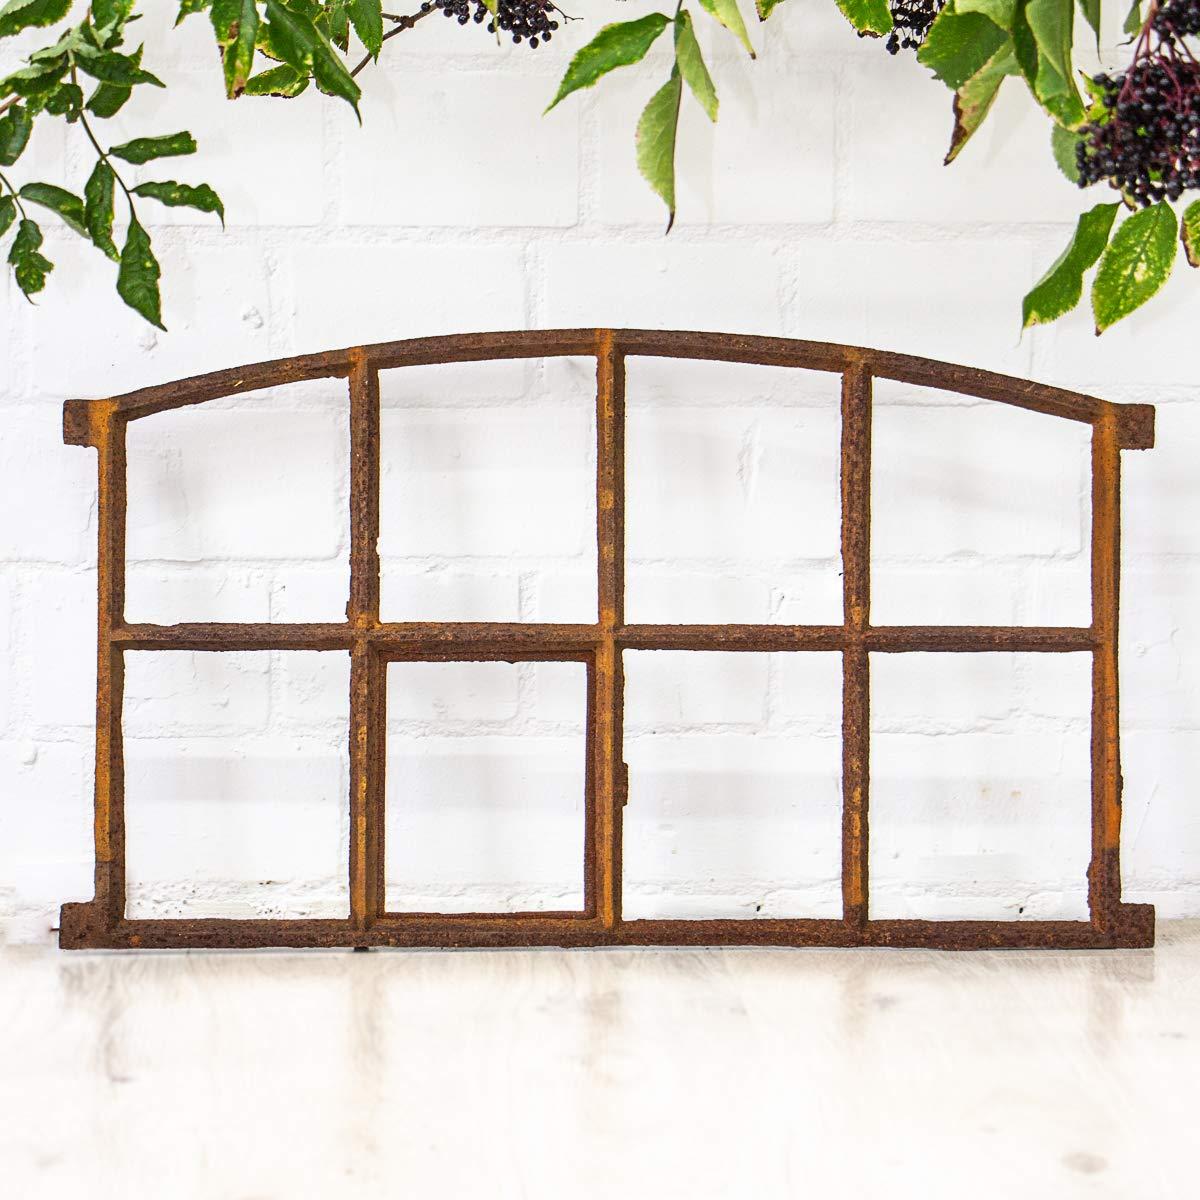 44,5 cm H/öhe ca Breite ca Antikas 74,5 cm als Stall-Fenster oder Garagenfenster Eisenfenster mit /Öffnung